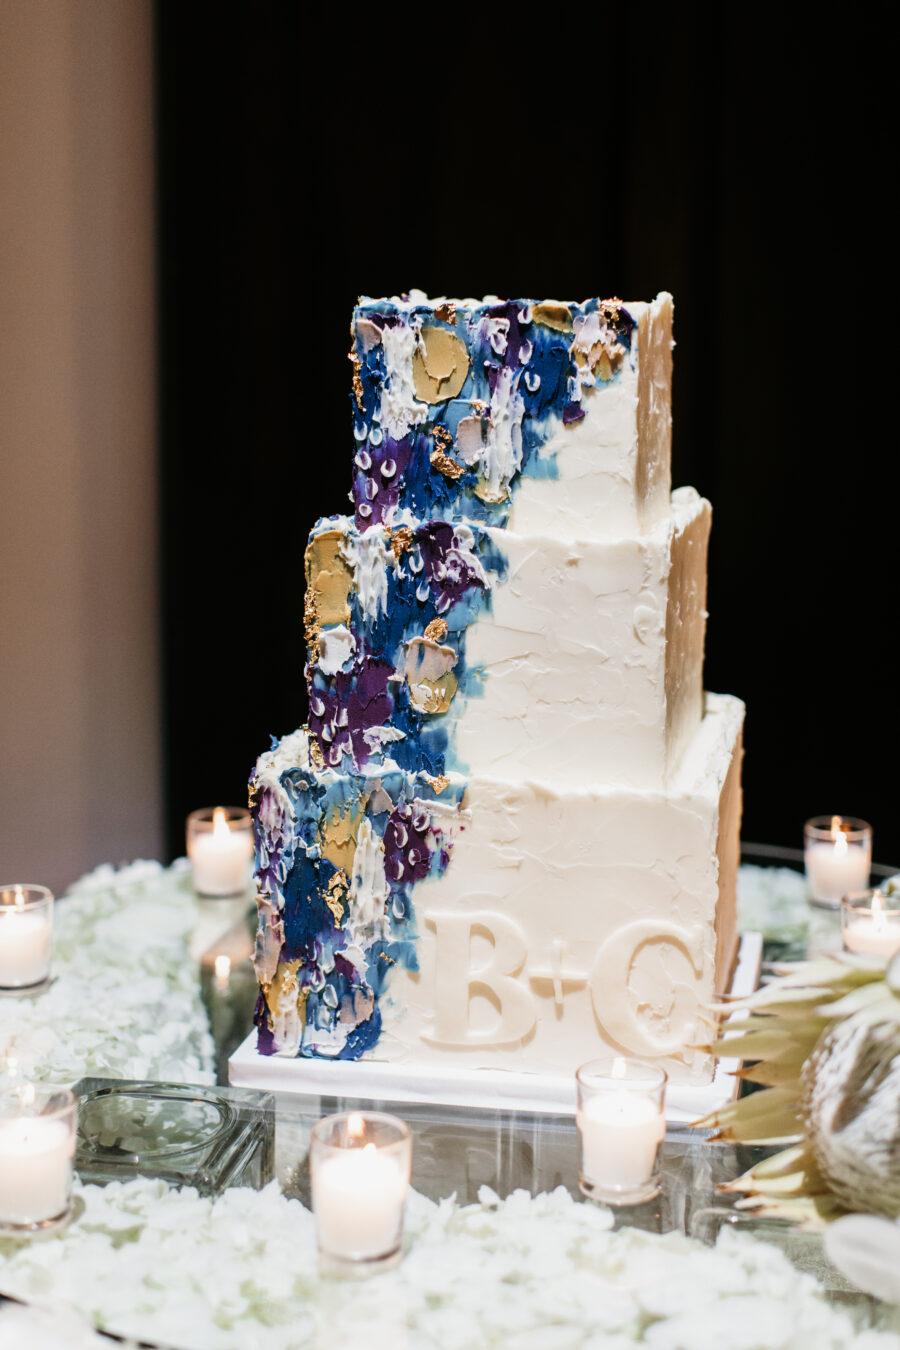 Modern wedding cake design by Baked in Nashville | Nashville Bride Guide